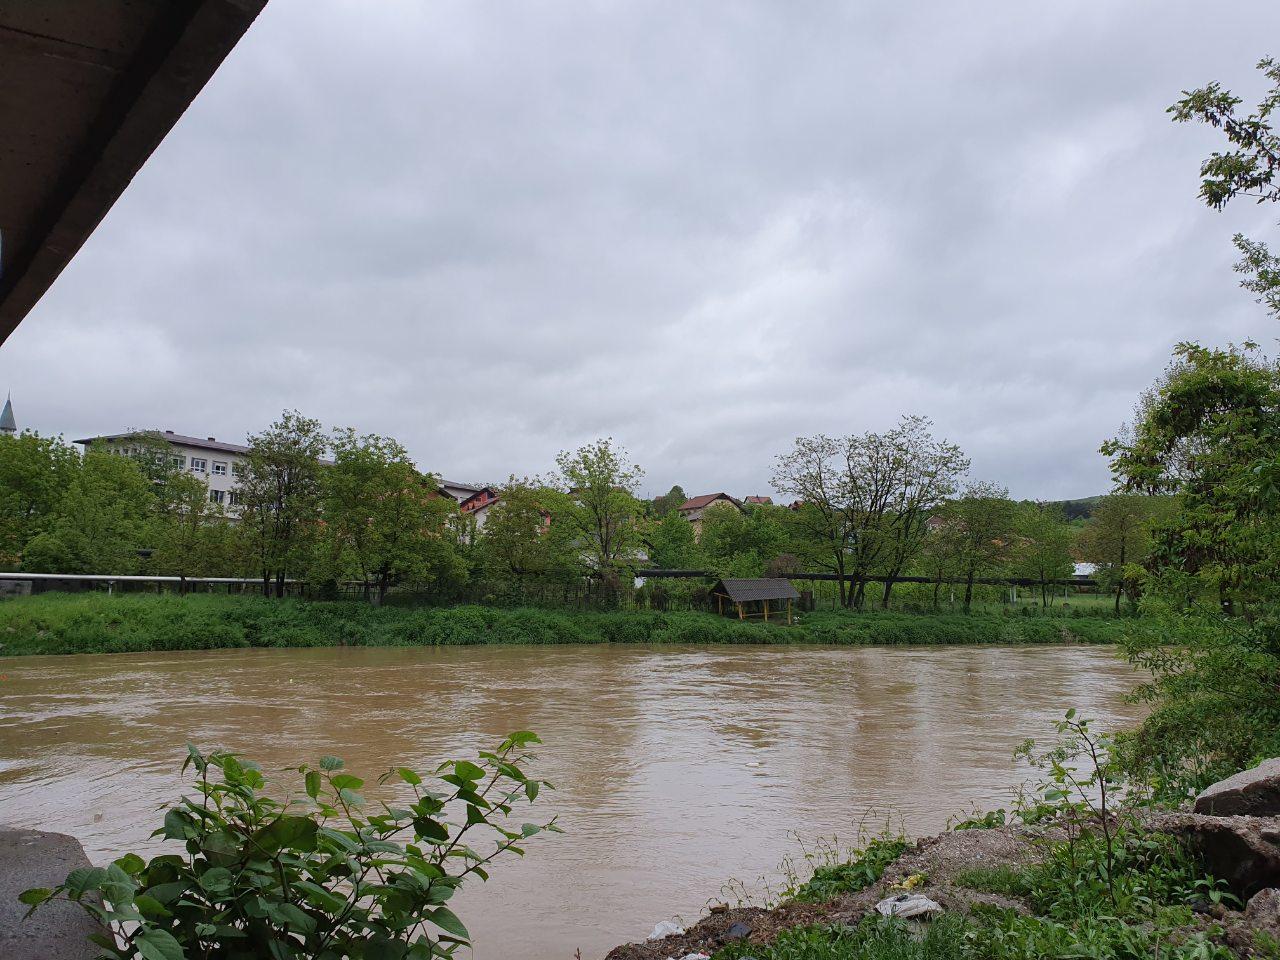 Vijest koja ohrabruje – Vodostaj rijeka na području Kaknja na sreću i dalje ne prijeti da ugrozi ljude i njihovu imovinu